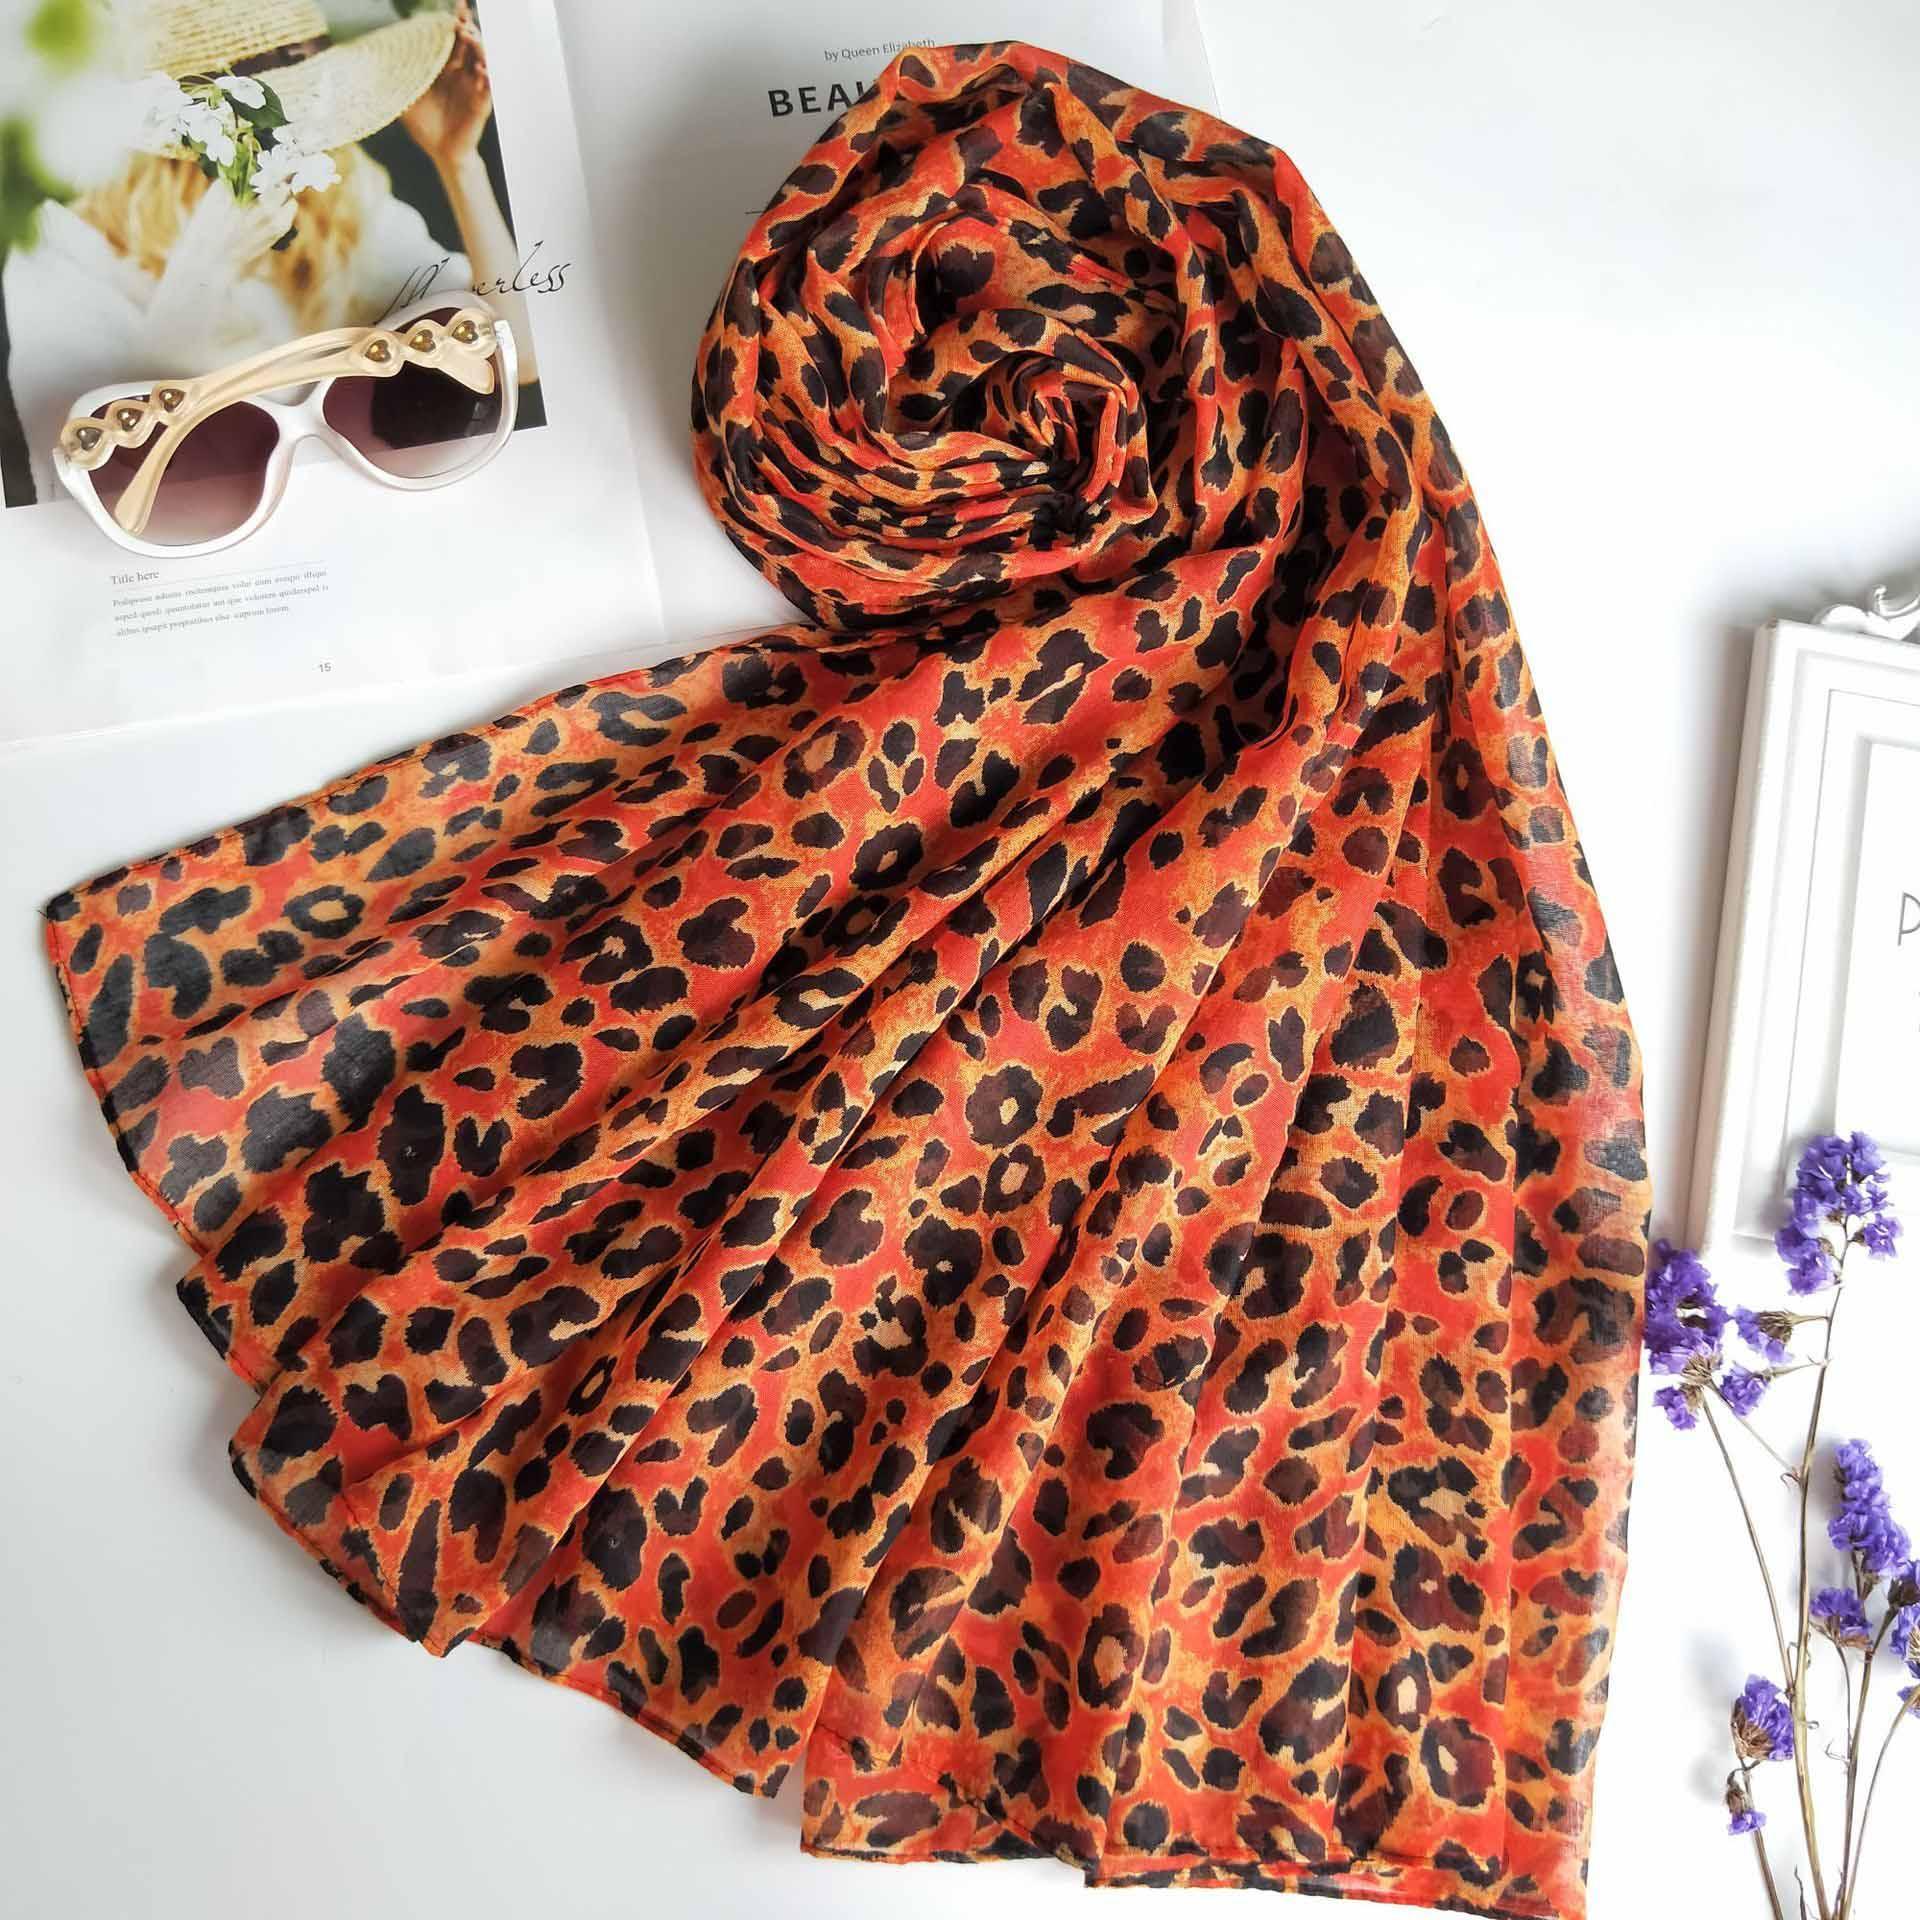 CAVME 100% Модальный хлопок Leopard шарф для женщин Femme сексуальных дам шарфов Обертывания шали 85 * 200см 155г